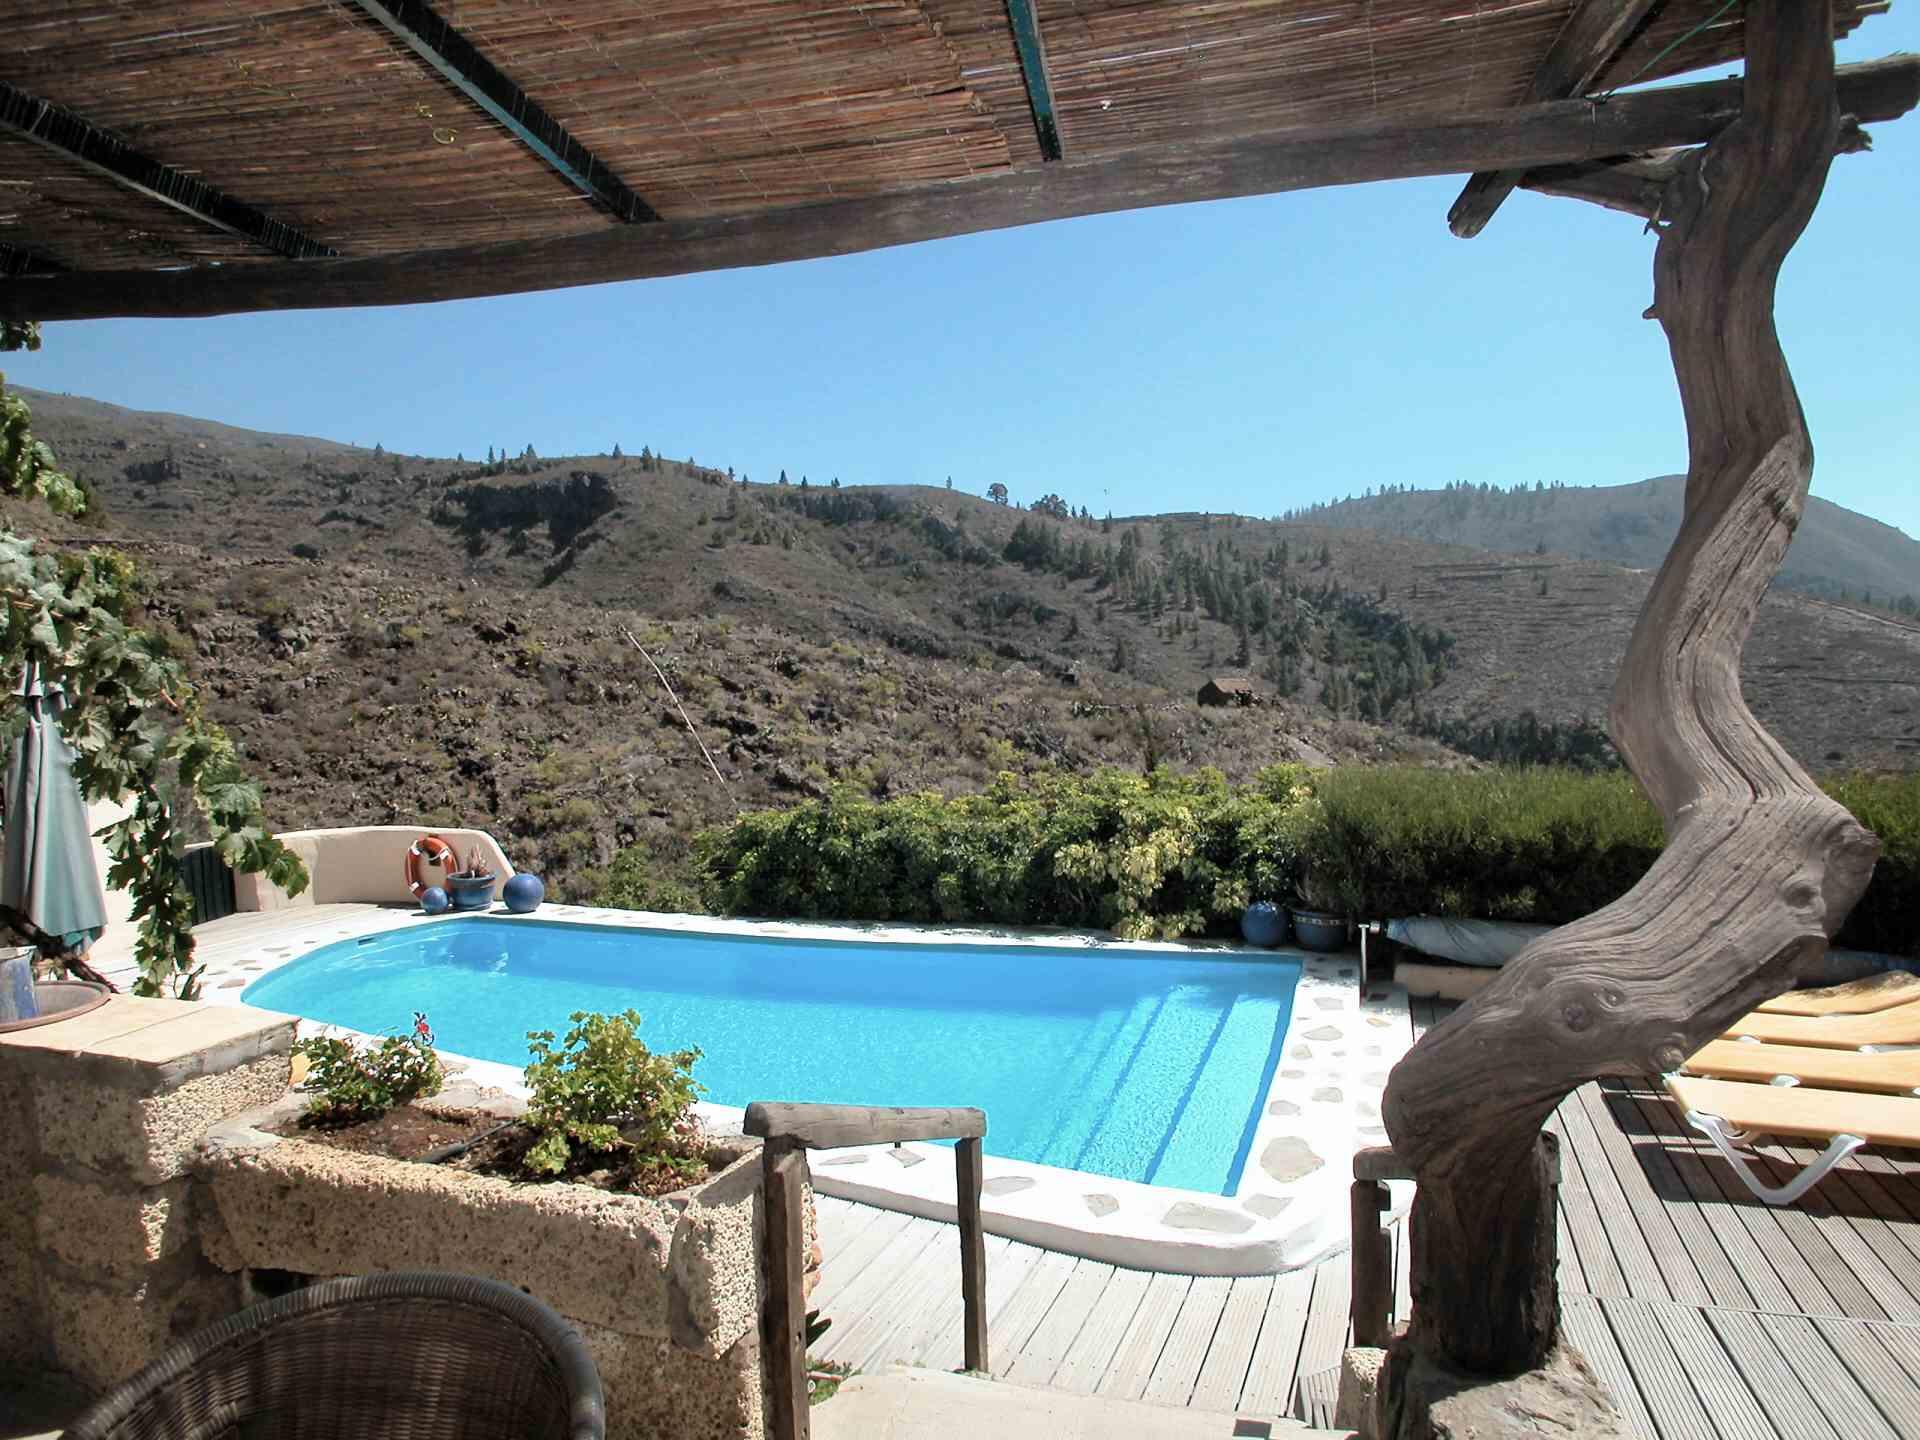 La Casita Pool